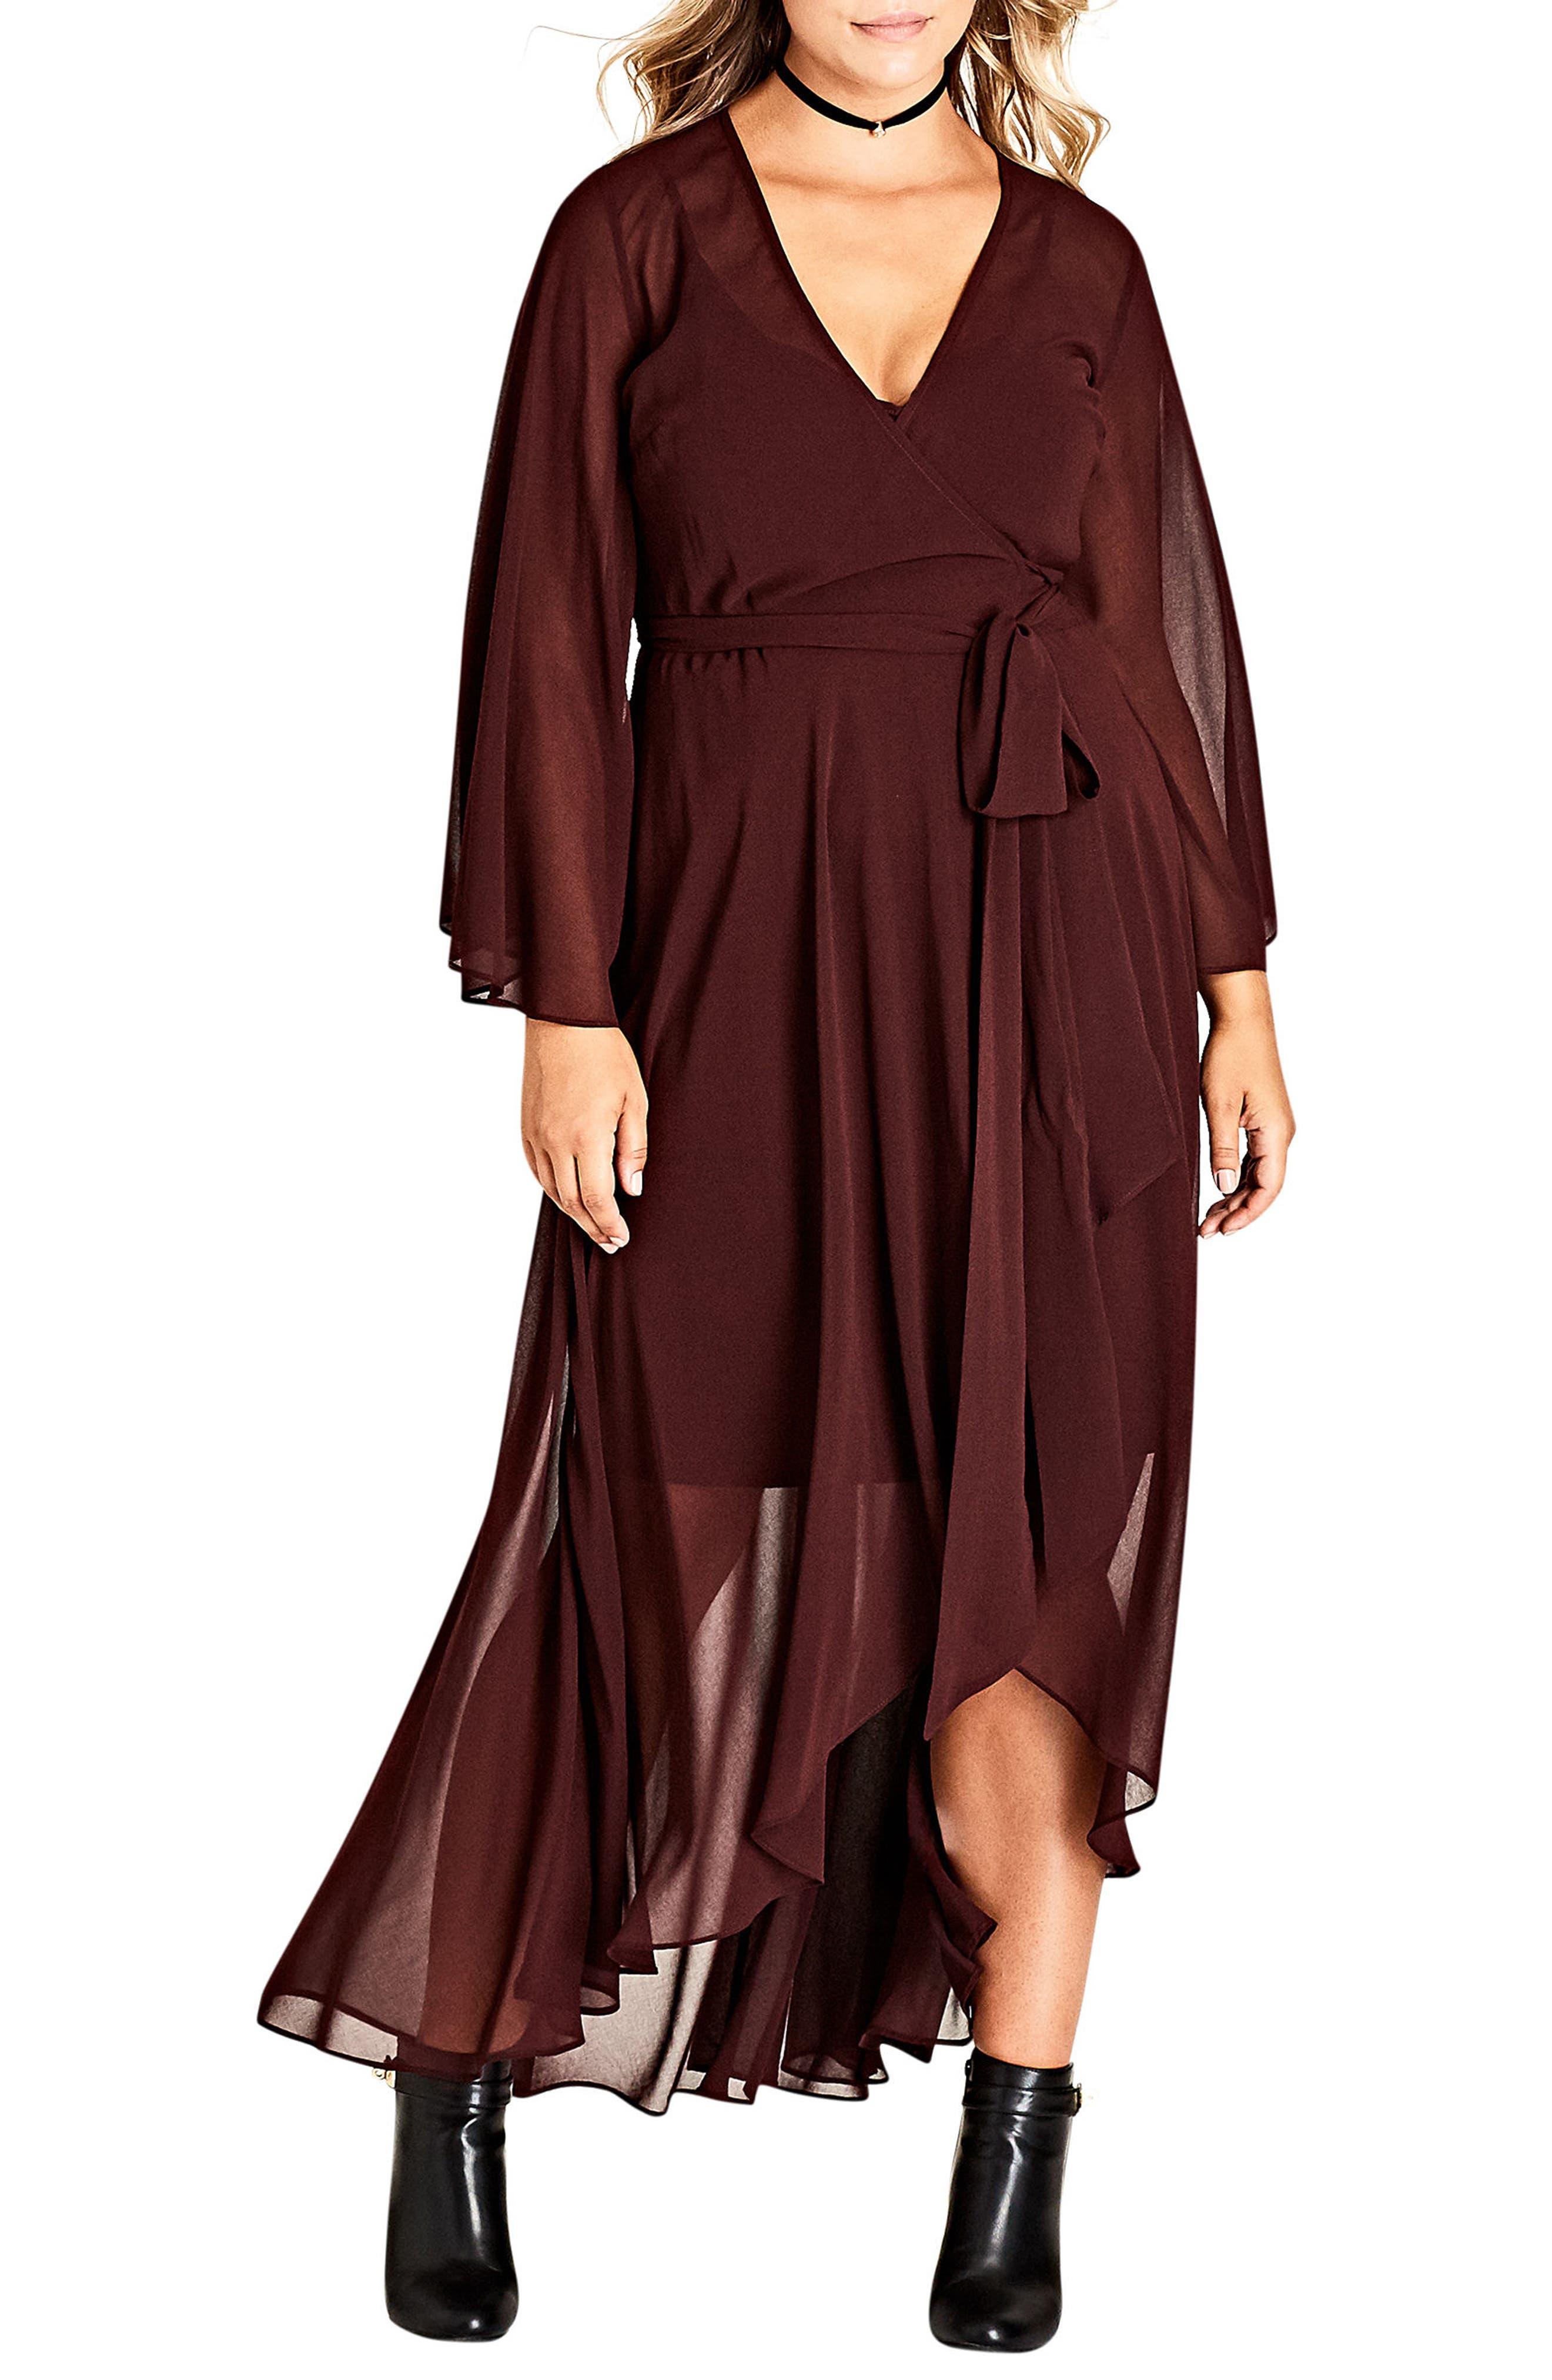 'Fleetwood' Maxi Dress,                         Main,                         color, CLARET